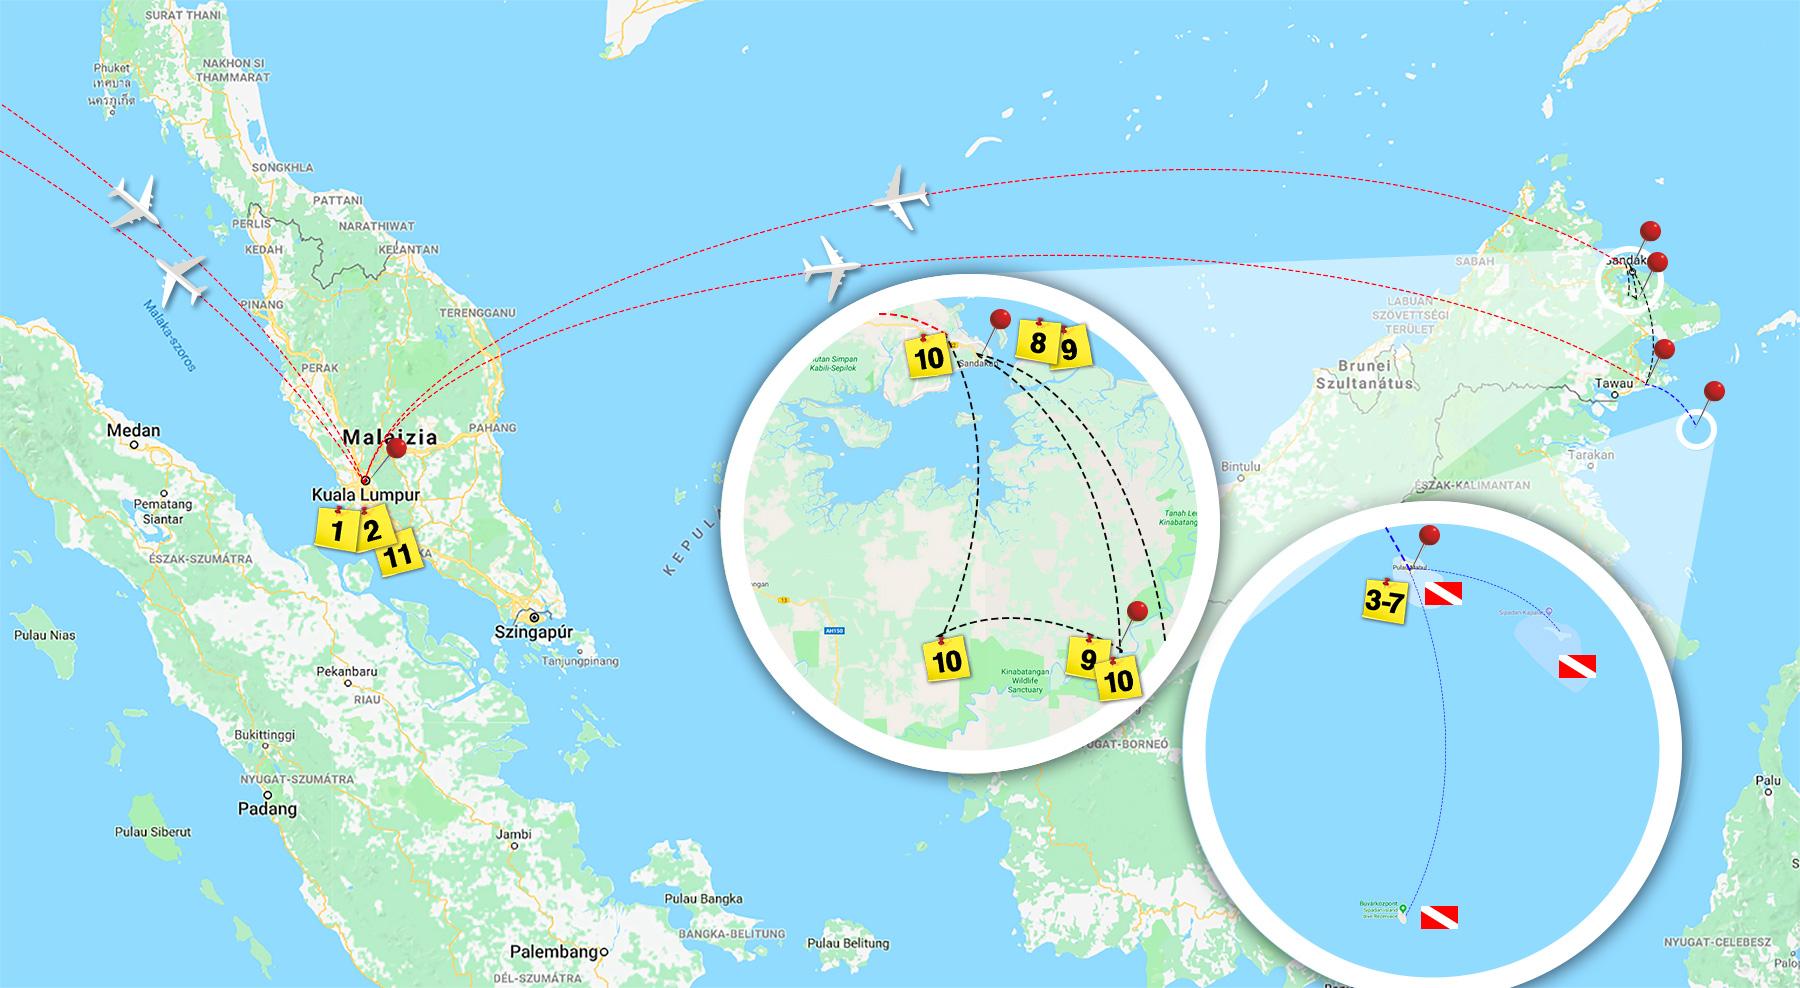 Sipadan, borneo, búvár, búvártúra, malajzia, búvárkodás, indonézia, 2019